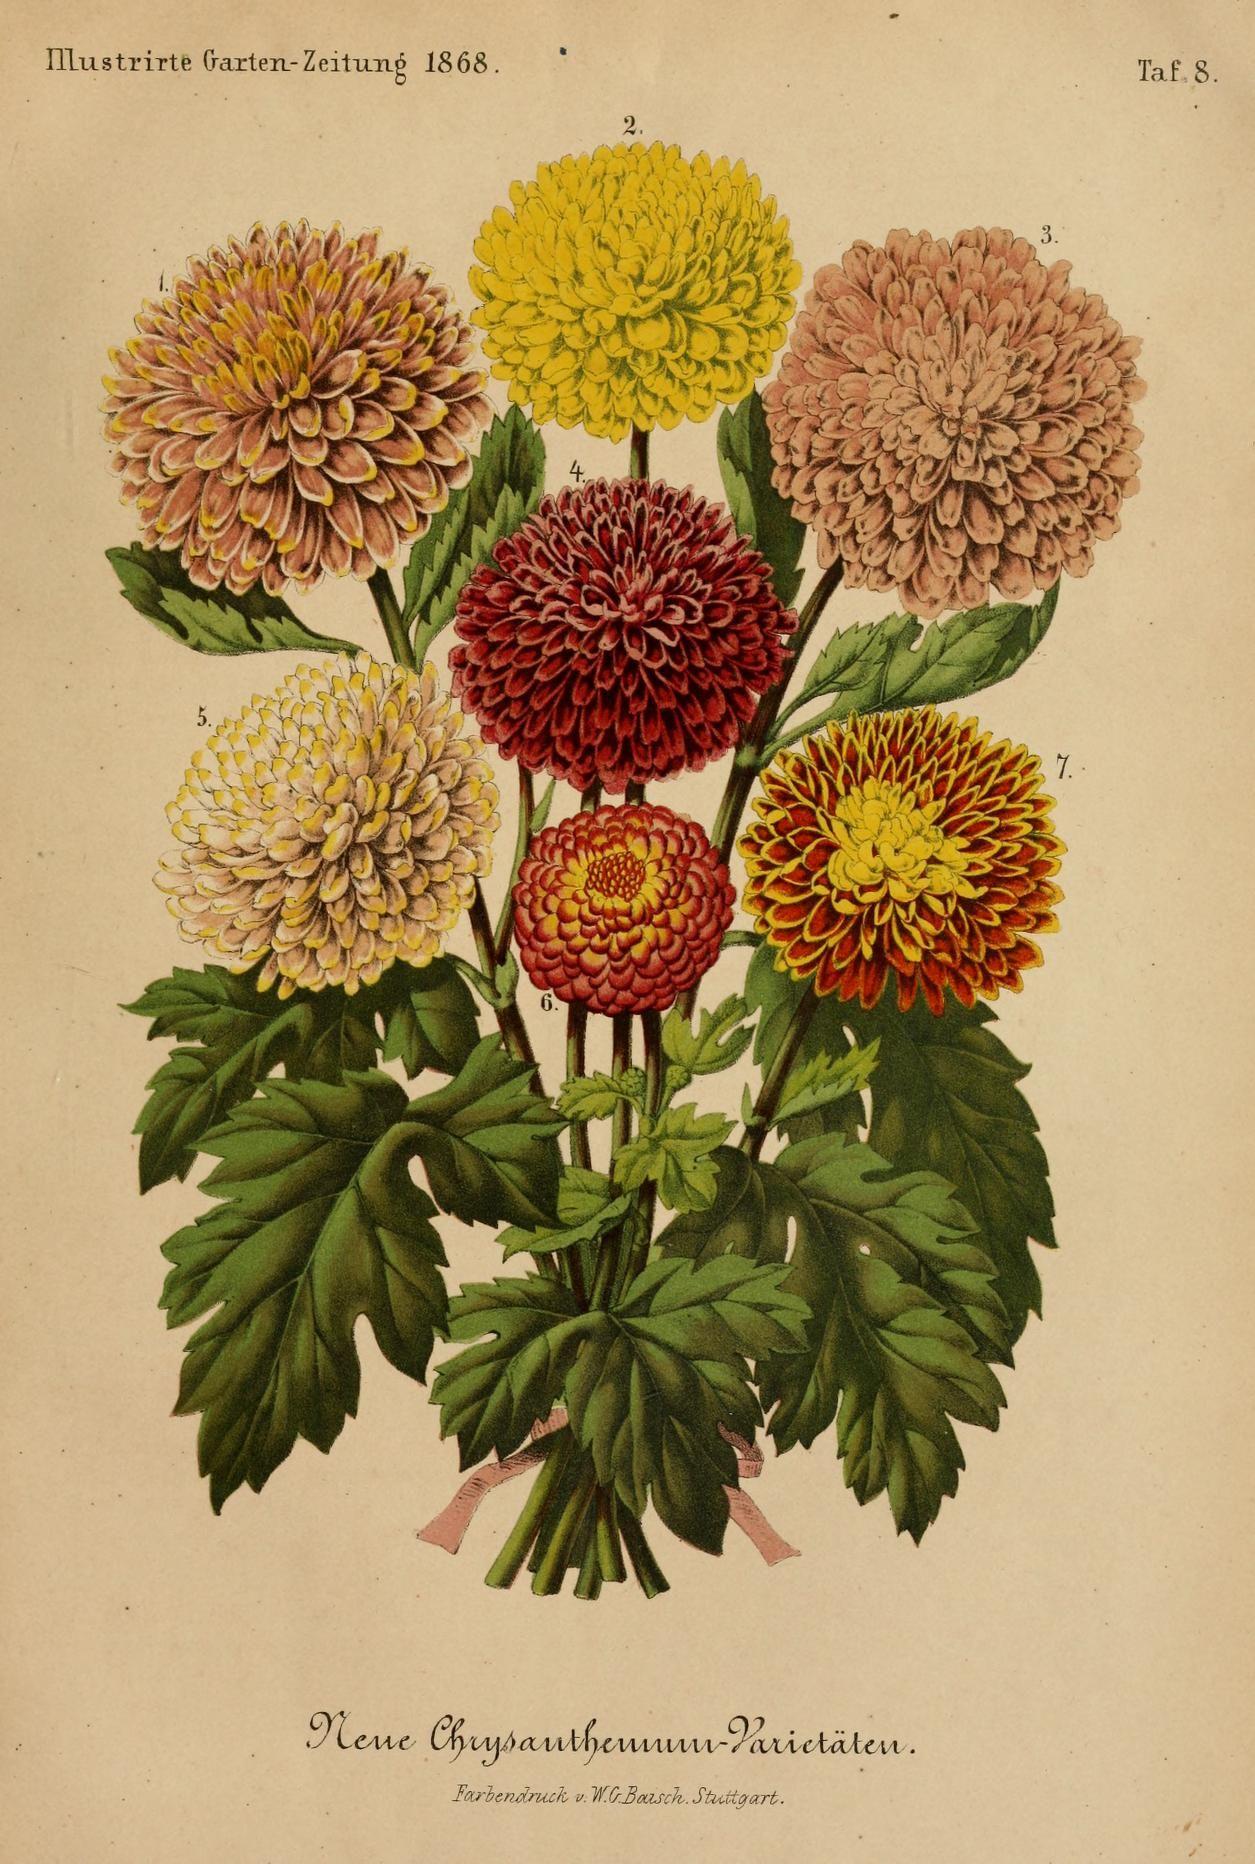 Bd 12 1868 Illustrierte Garten Zeitung Biodiversity Heritage Library Botanical Illustration Biodiversity Garten